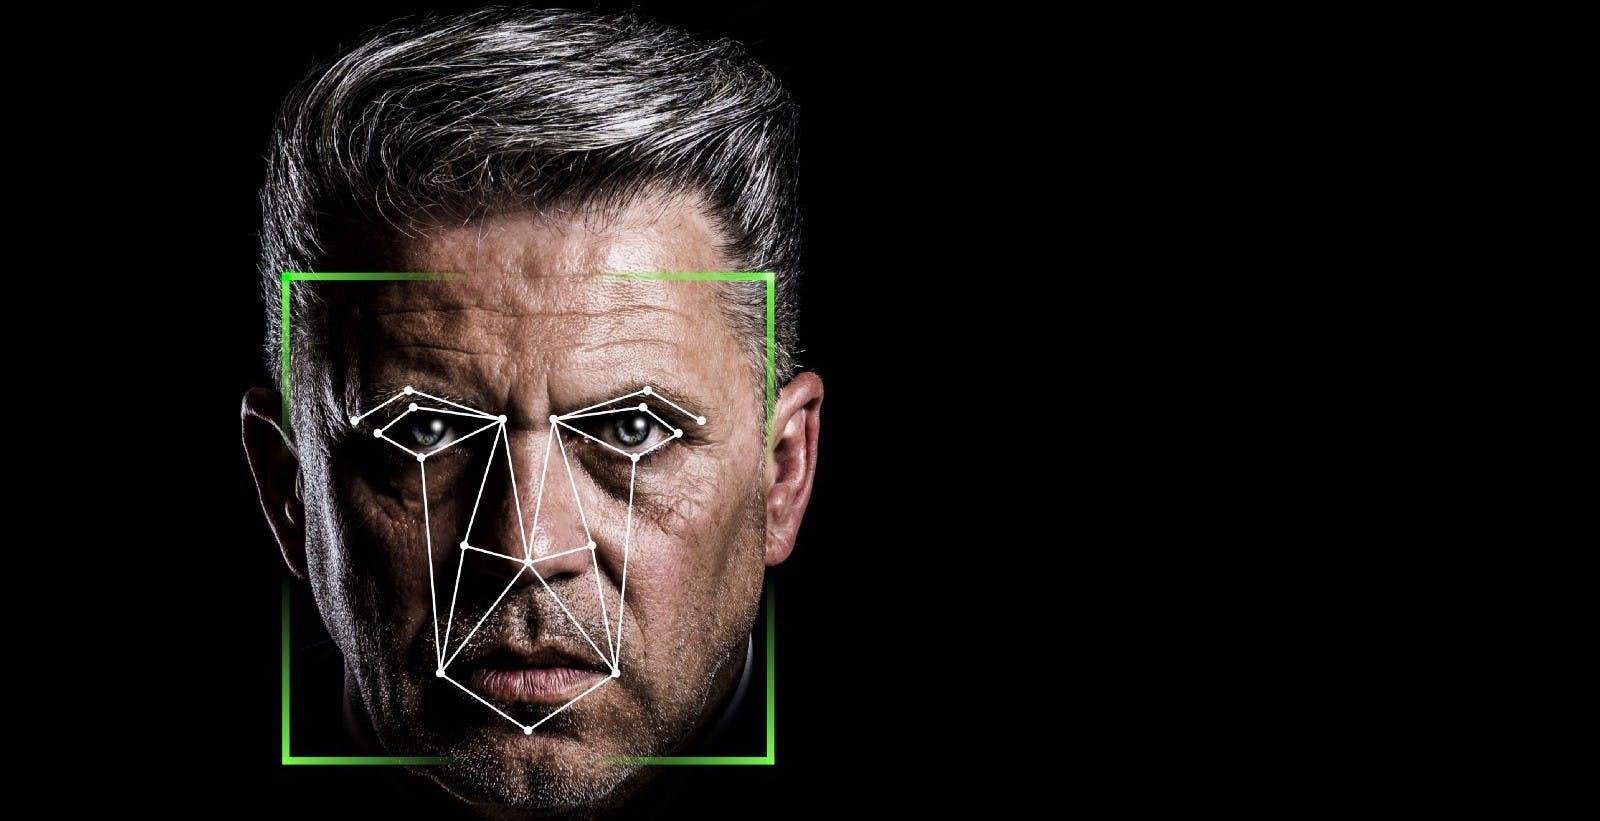 Il riconoscimento facciale e i suoi problemi. Negli USA un uomo è stato arrestato per errore